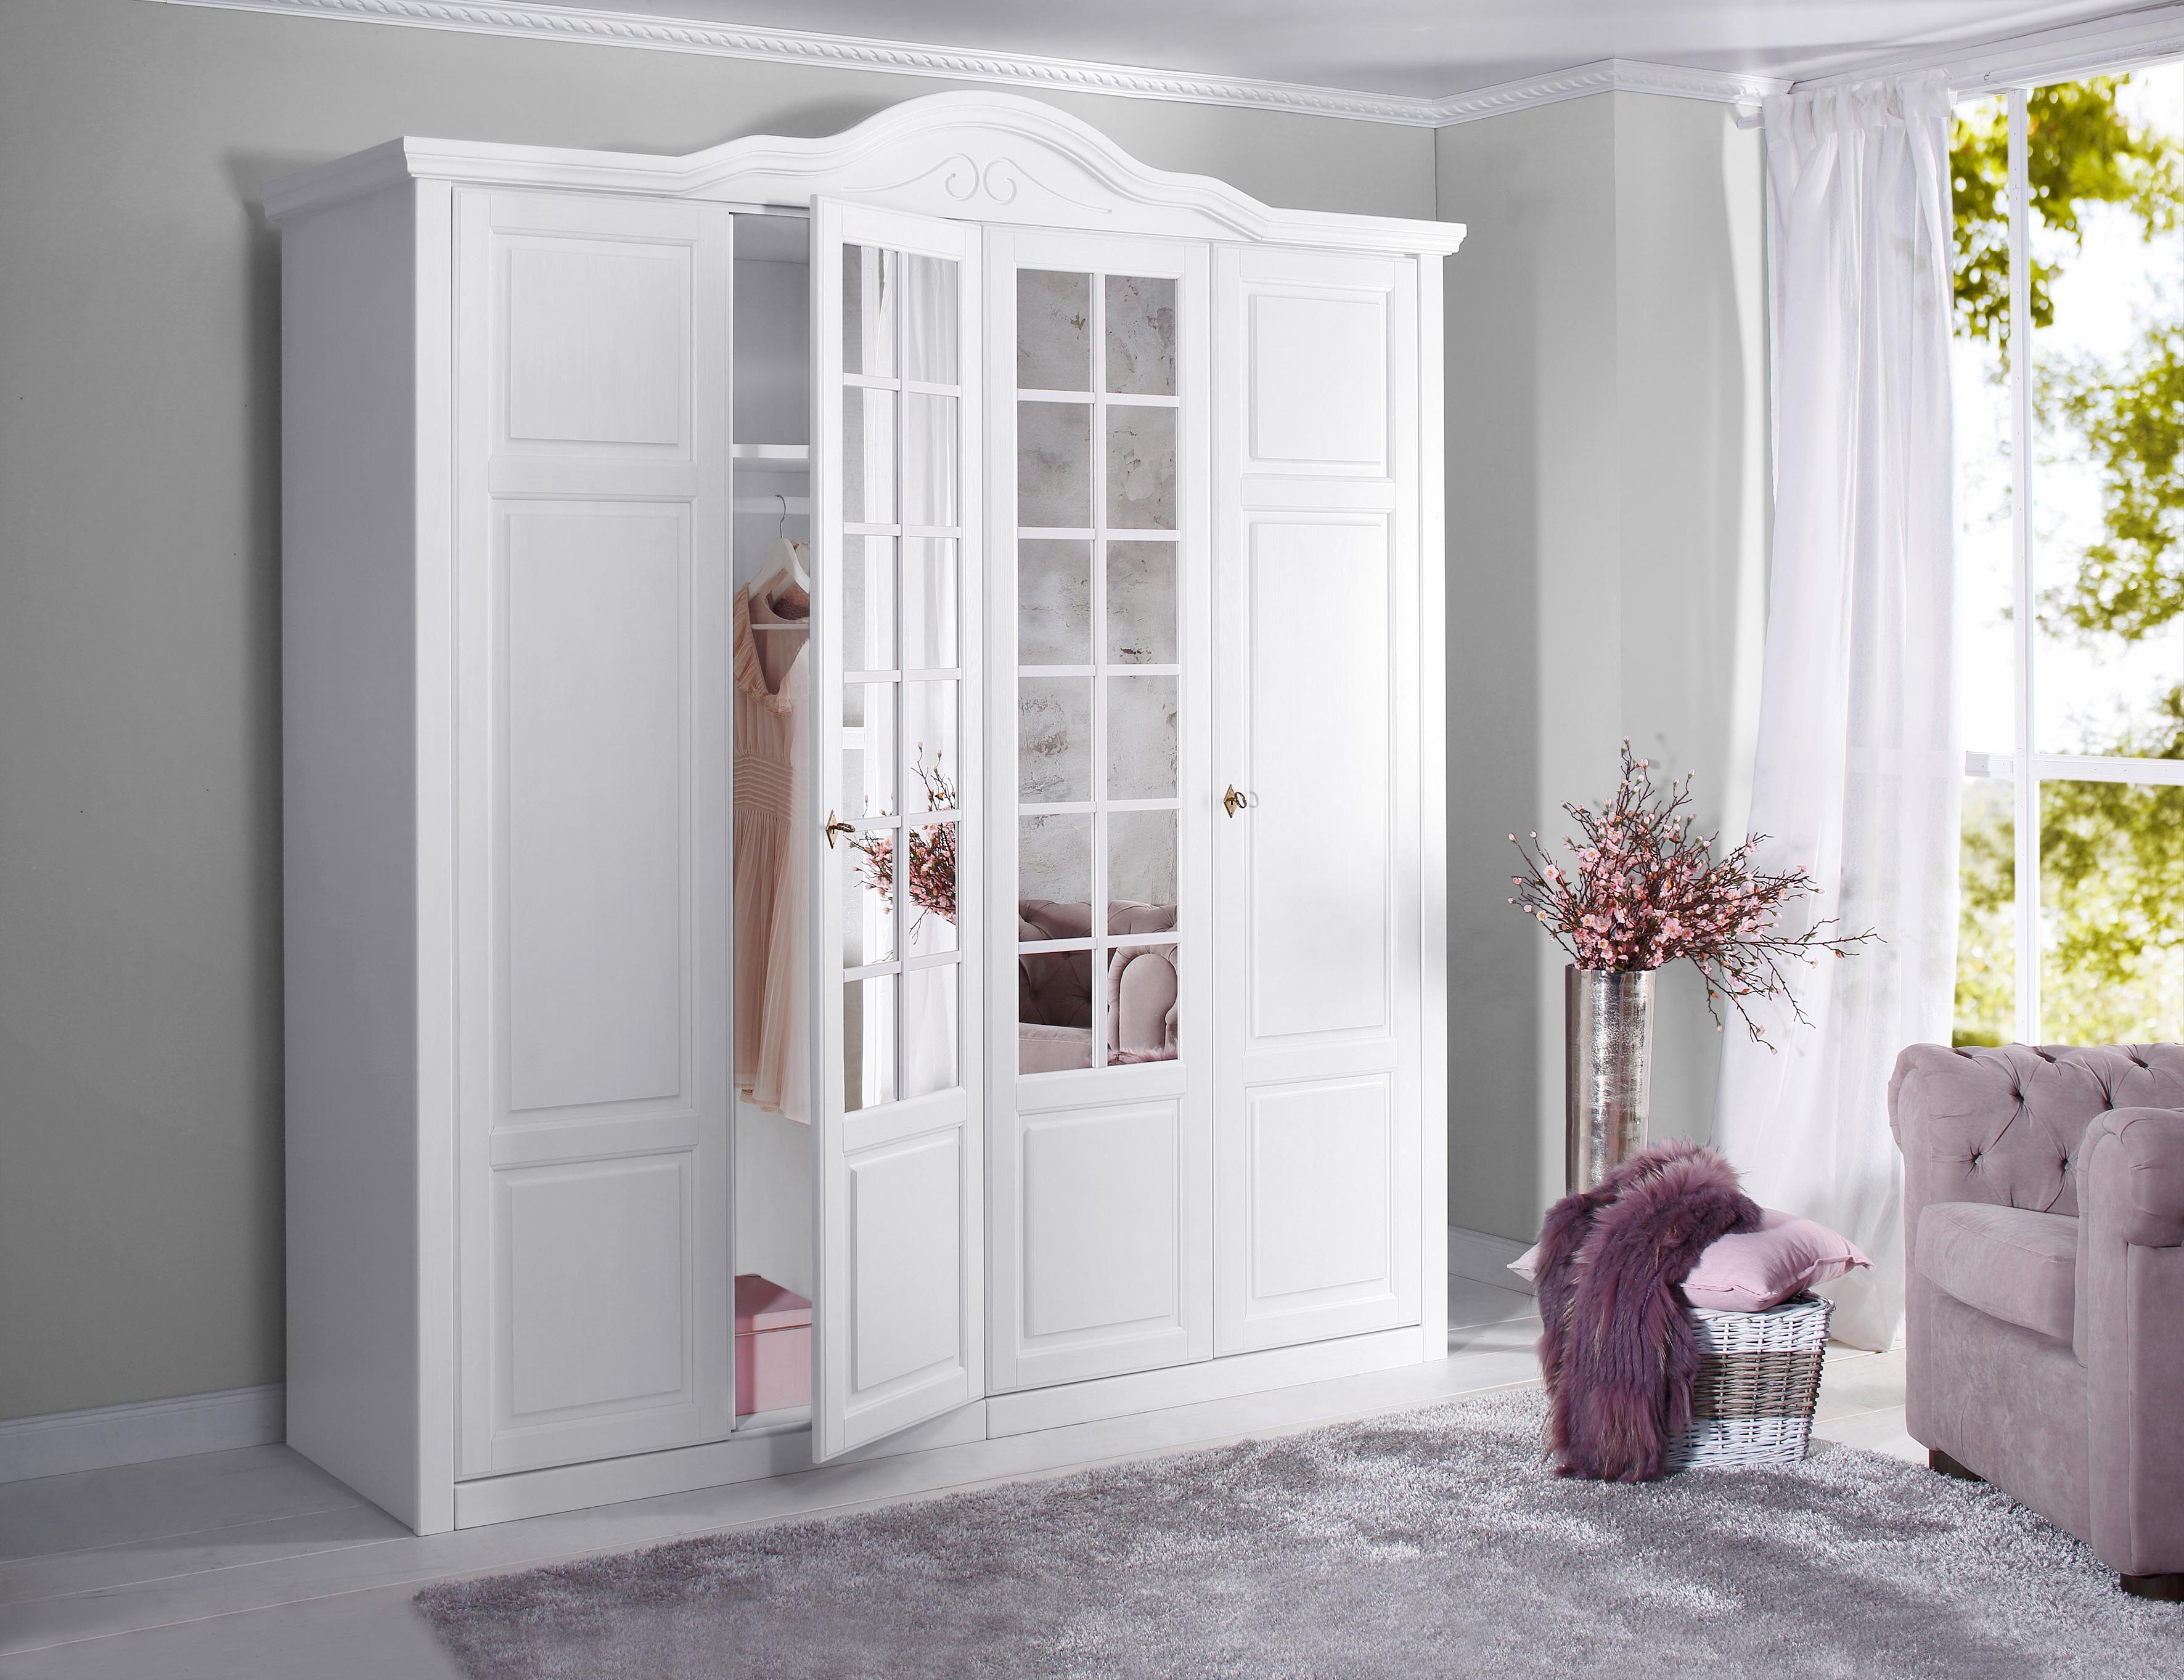 Premium collection by Home affaire Kleiderschrank »Carlo ...